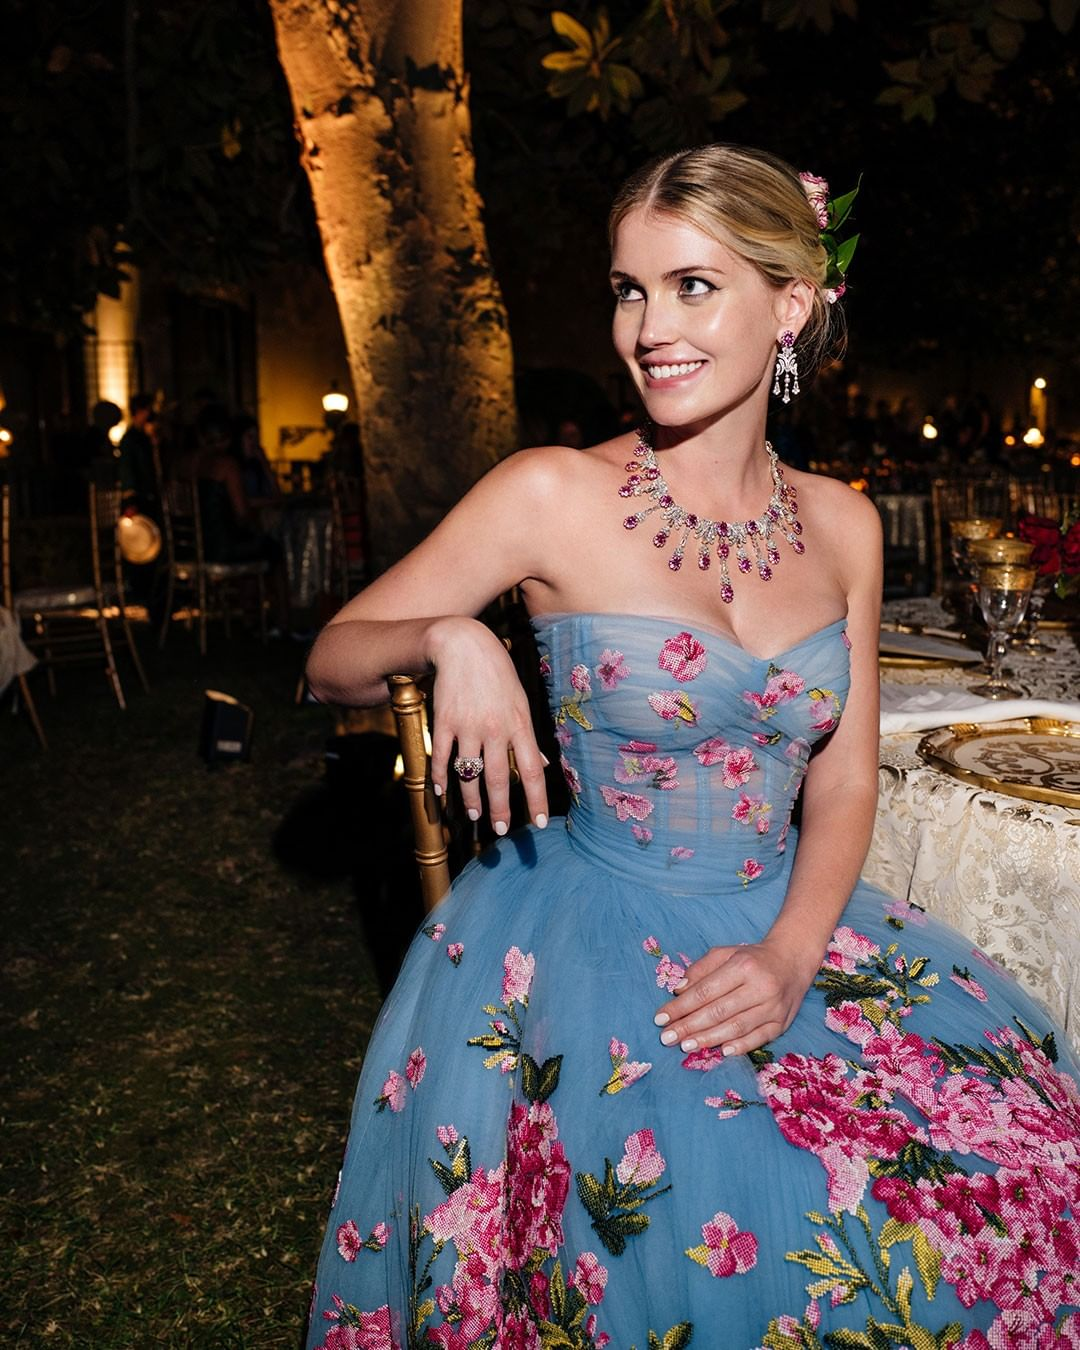 Intip Gaun Mewah Keponakan Putri Diana Diana yang Baru Menikah